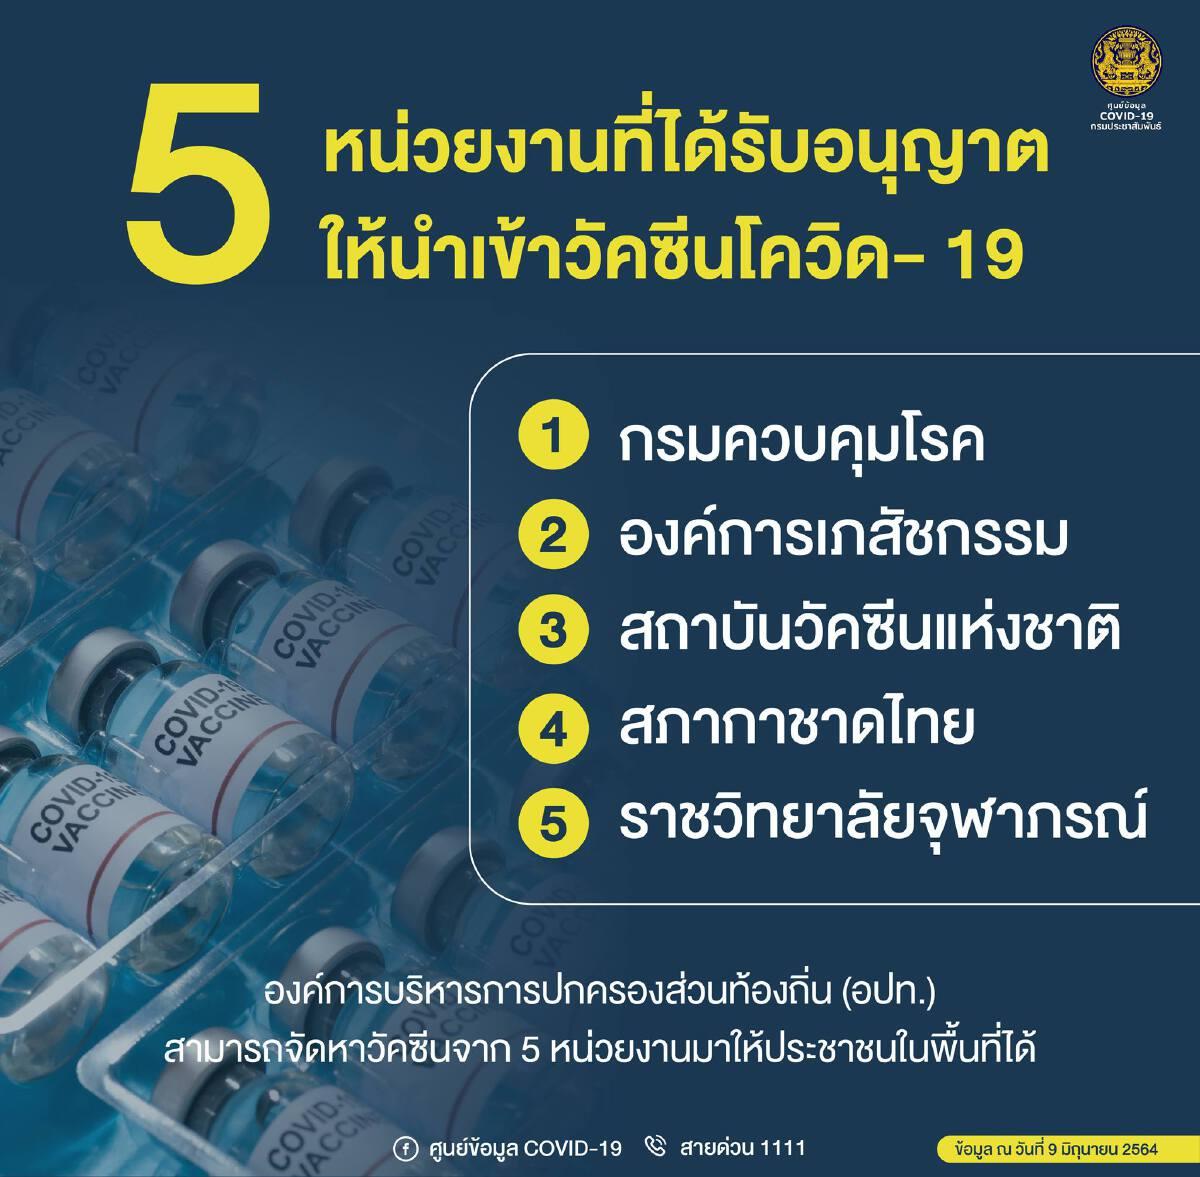 5 หน่วยงาน นำเข้าวัคซีน